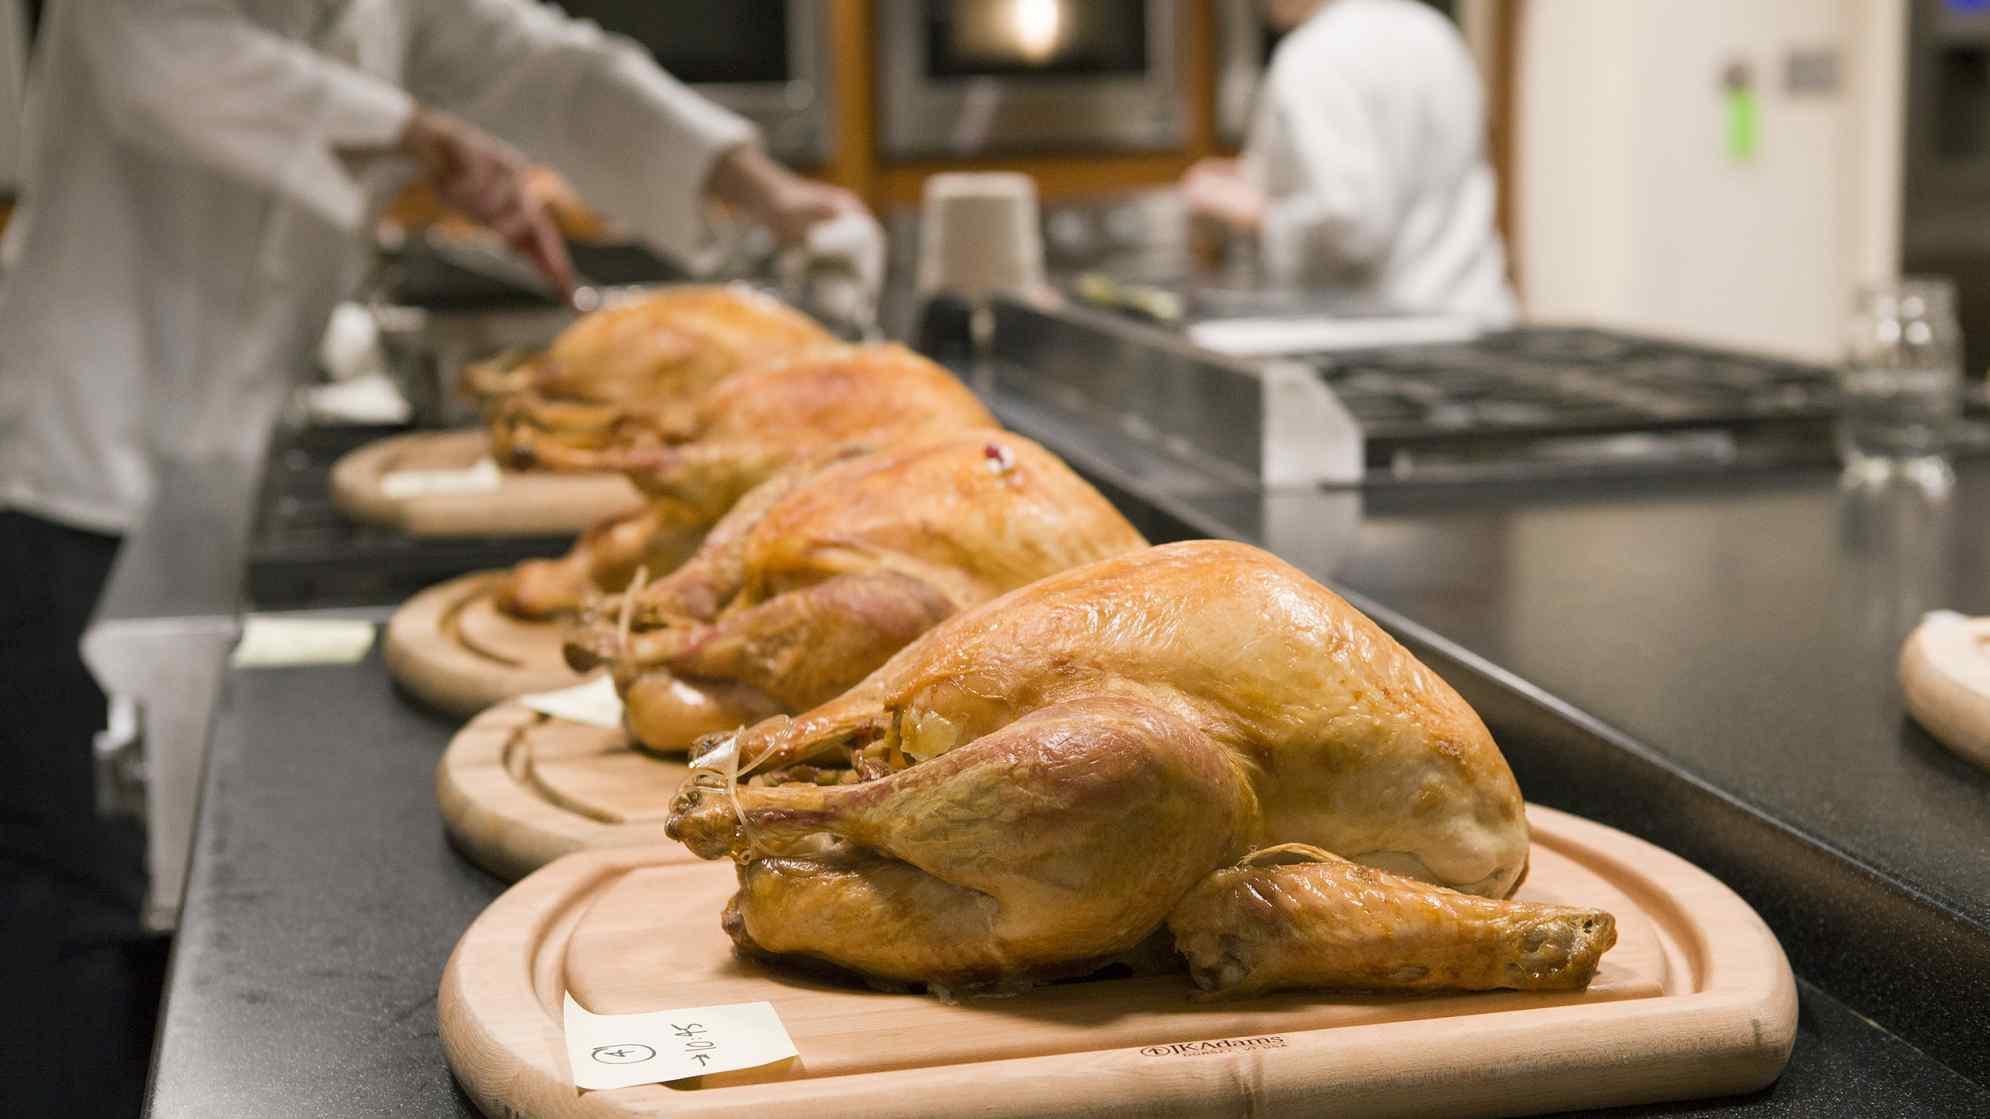 The Best Supermarket Turkey